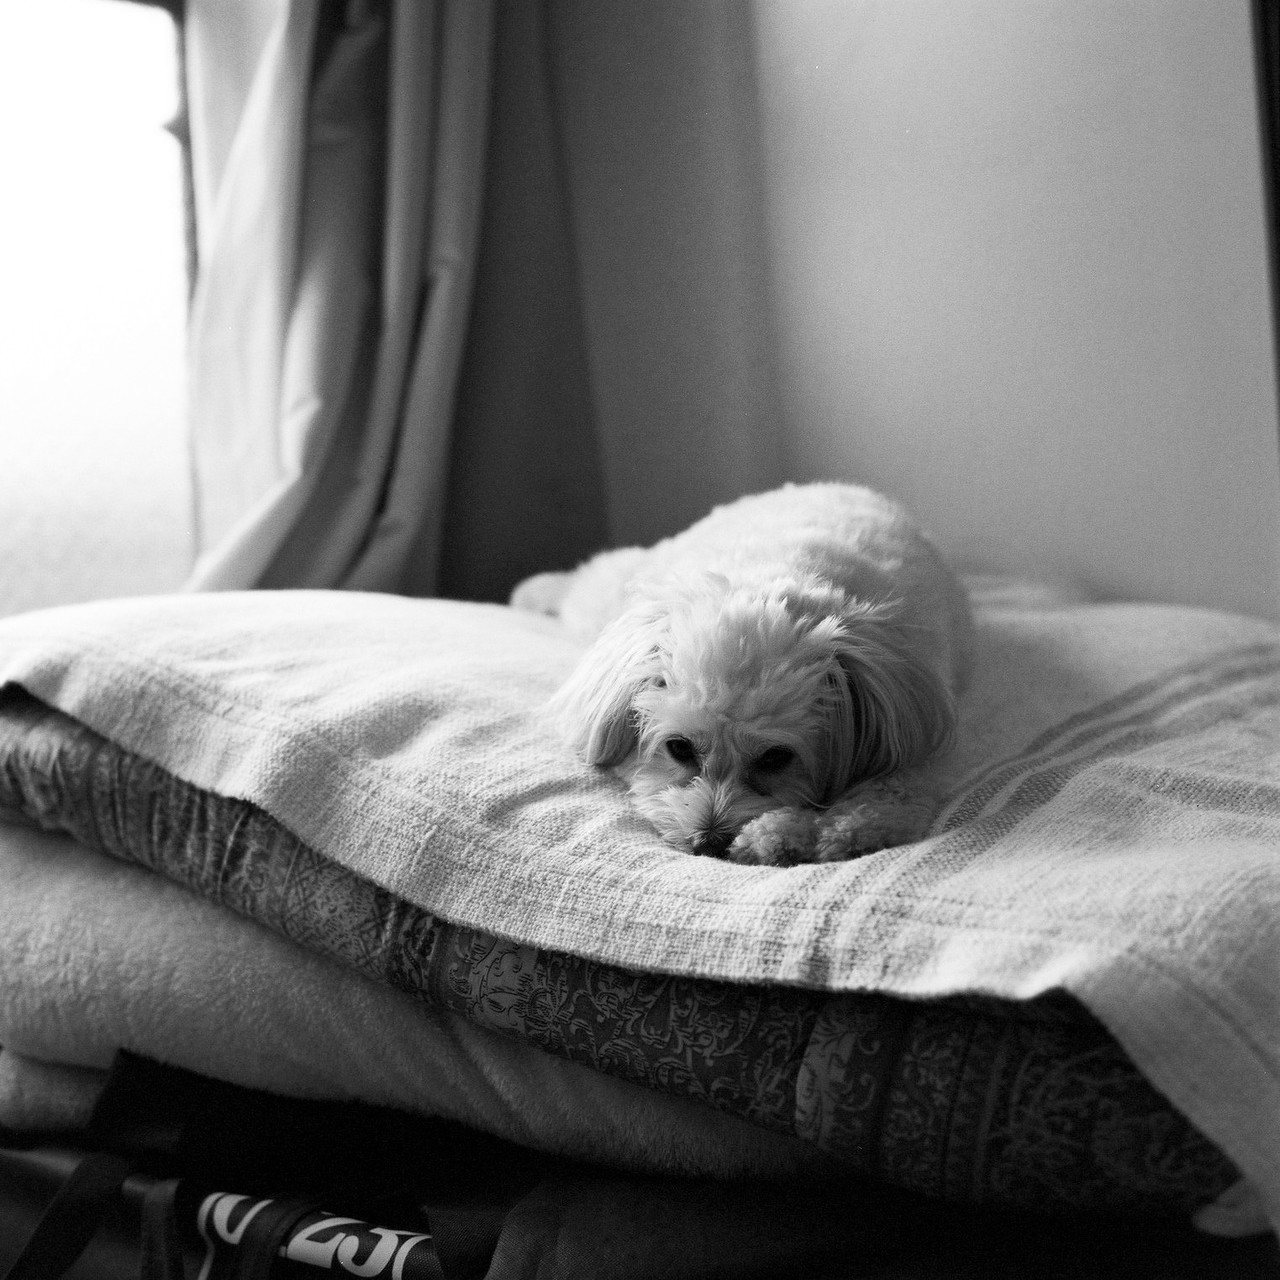 ハッセルに白黒フィルムを詰めて、愛犬を撮りました。